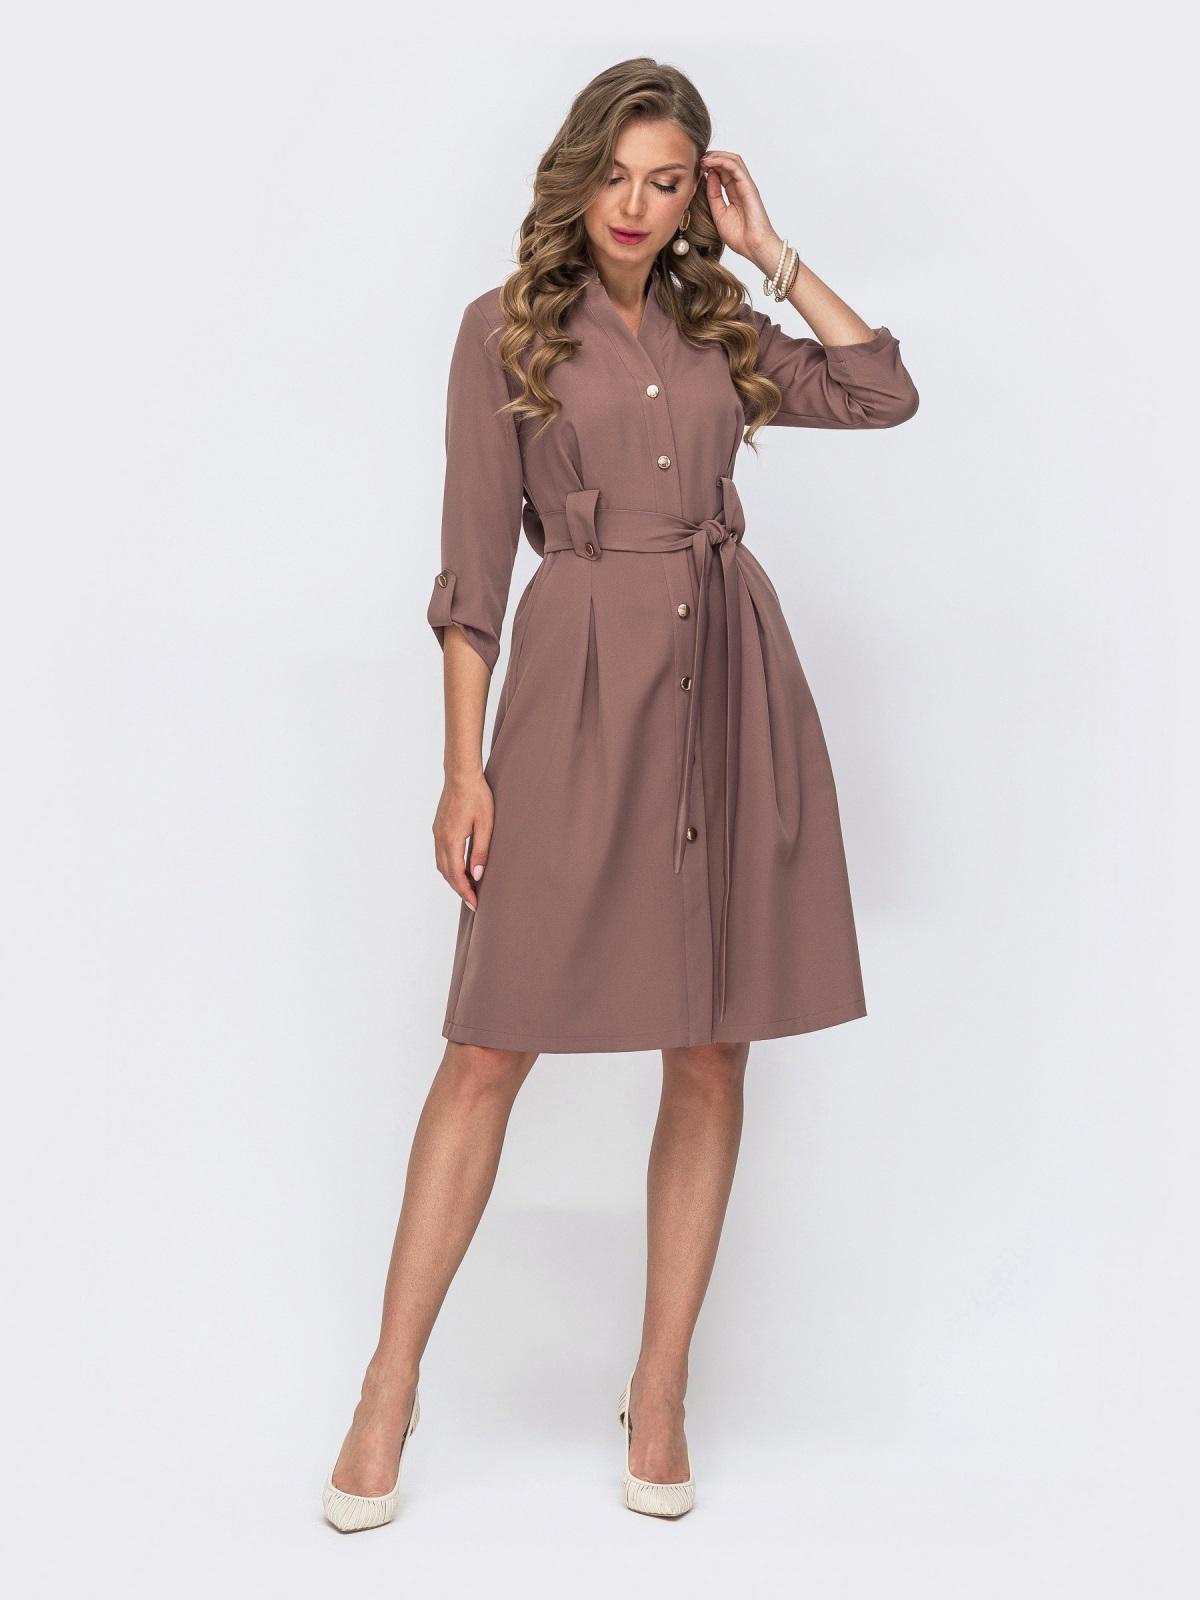 Коричневое платье с расклешенной юбкой 49403, фото 1